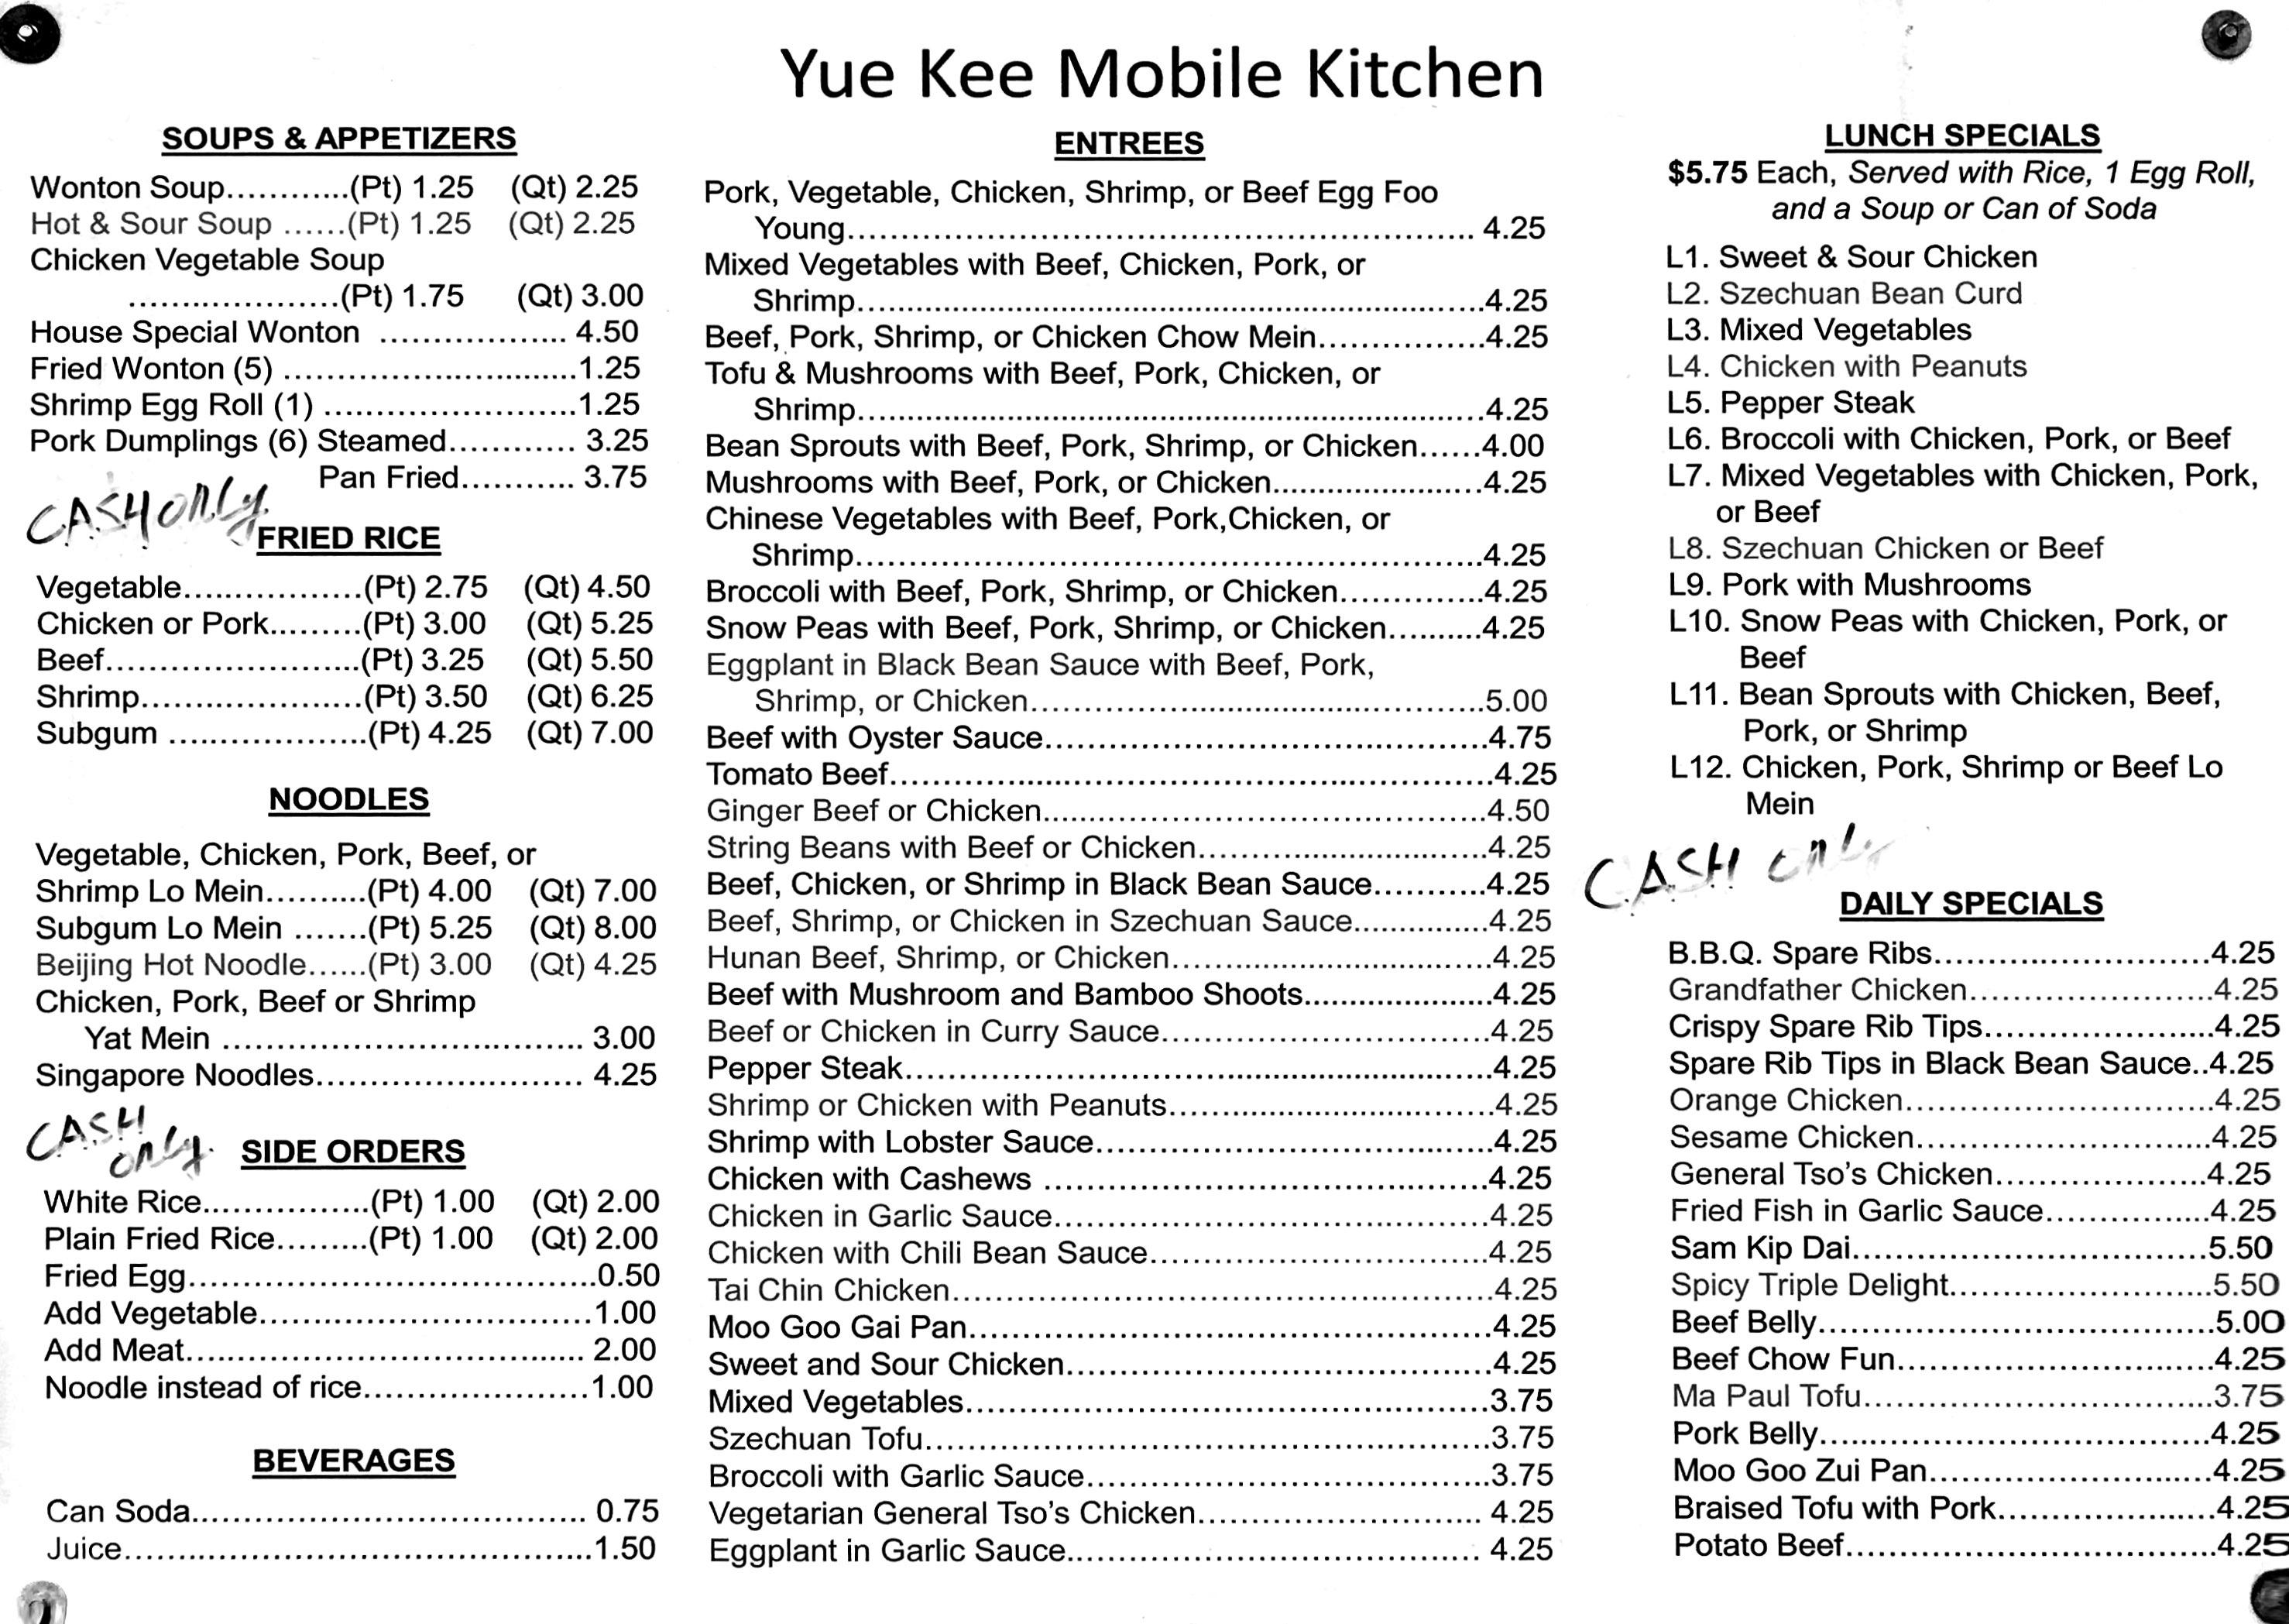 费城一家路边中国餐车的价目表,可以看到有荤菜的选项都在 6 美元以上